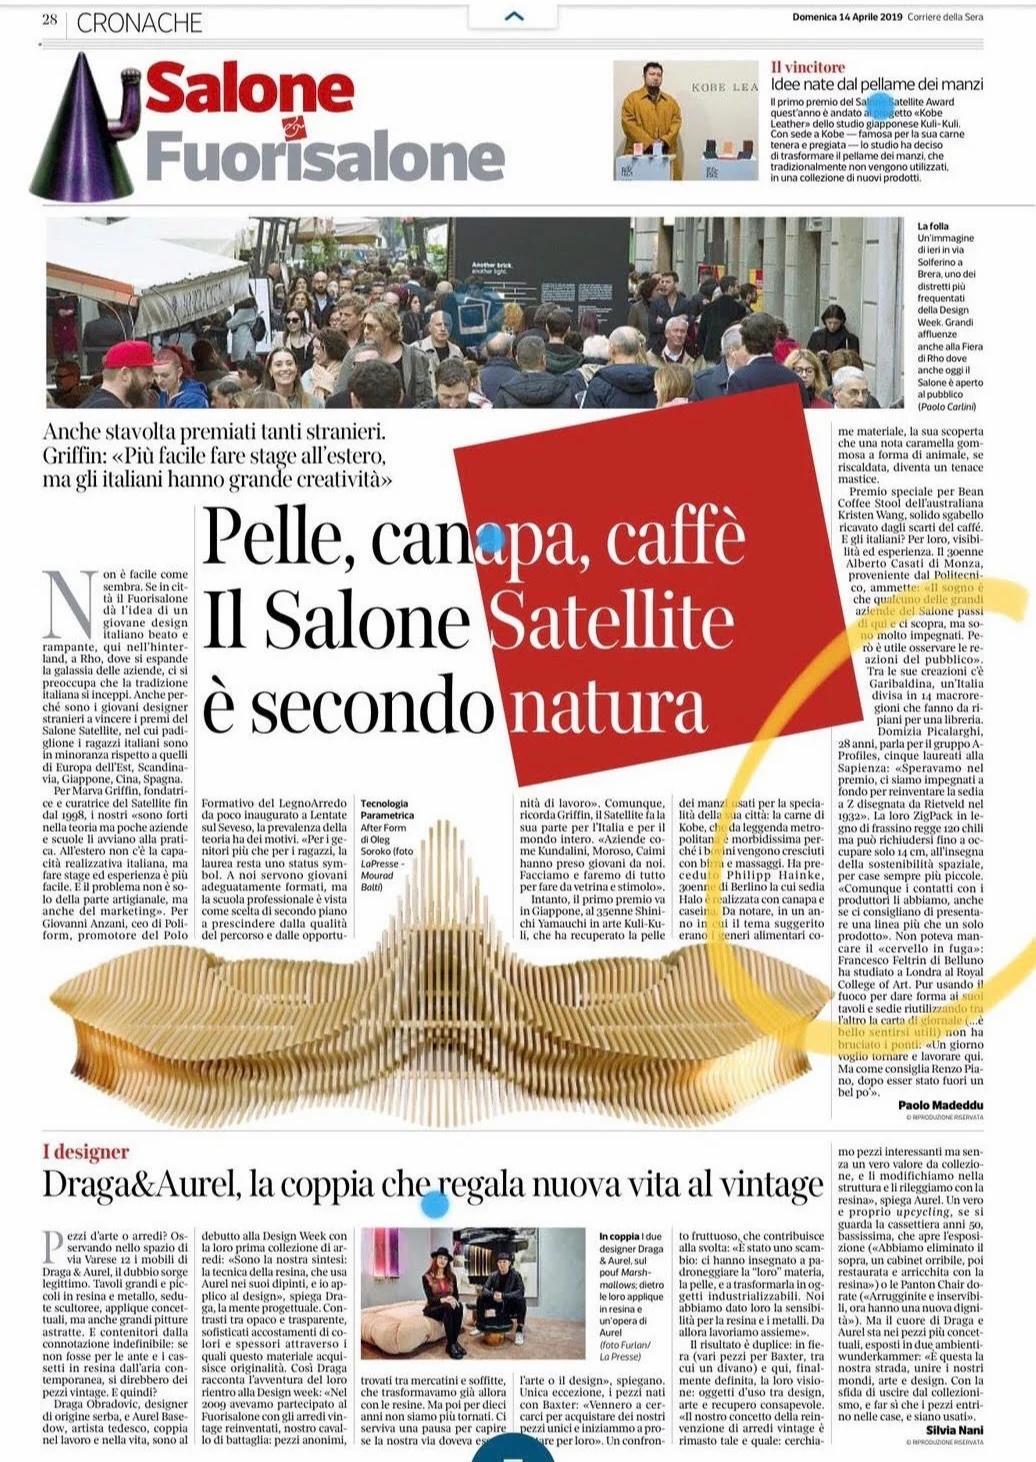 Corriere della sera Aprile 2019